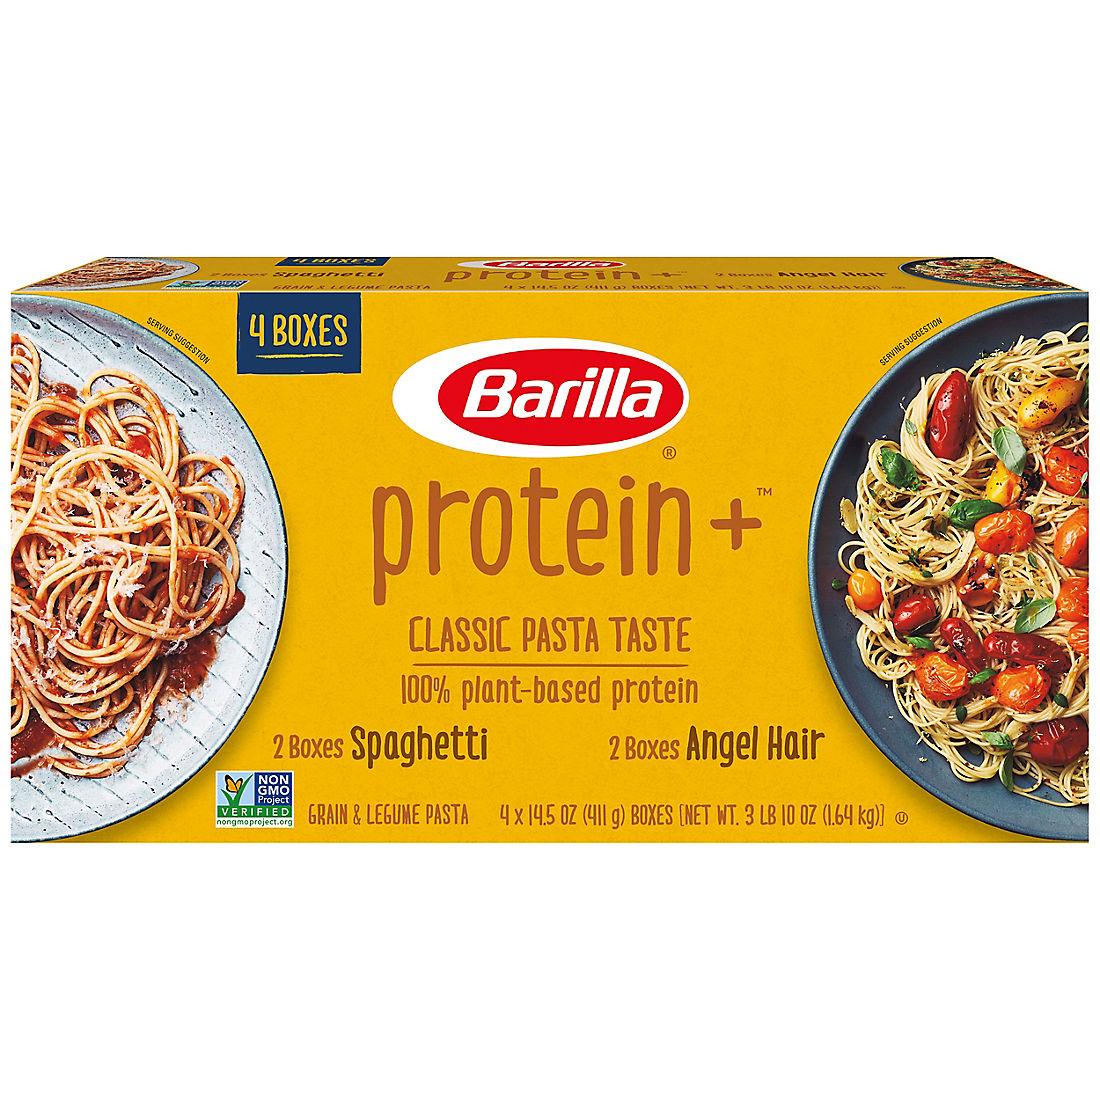 Barilla Plus Spaghetti and Plus Angel